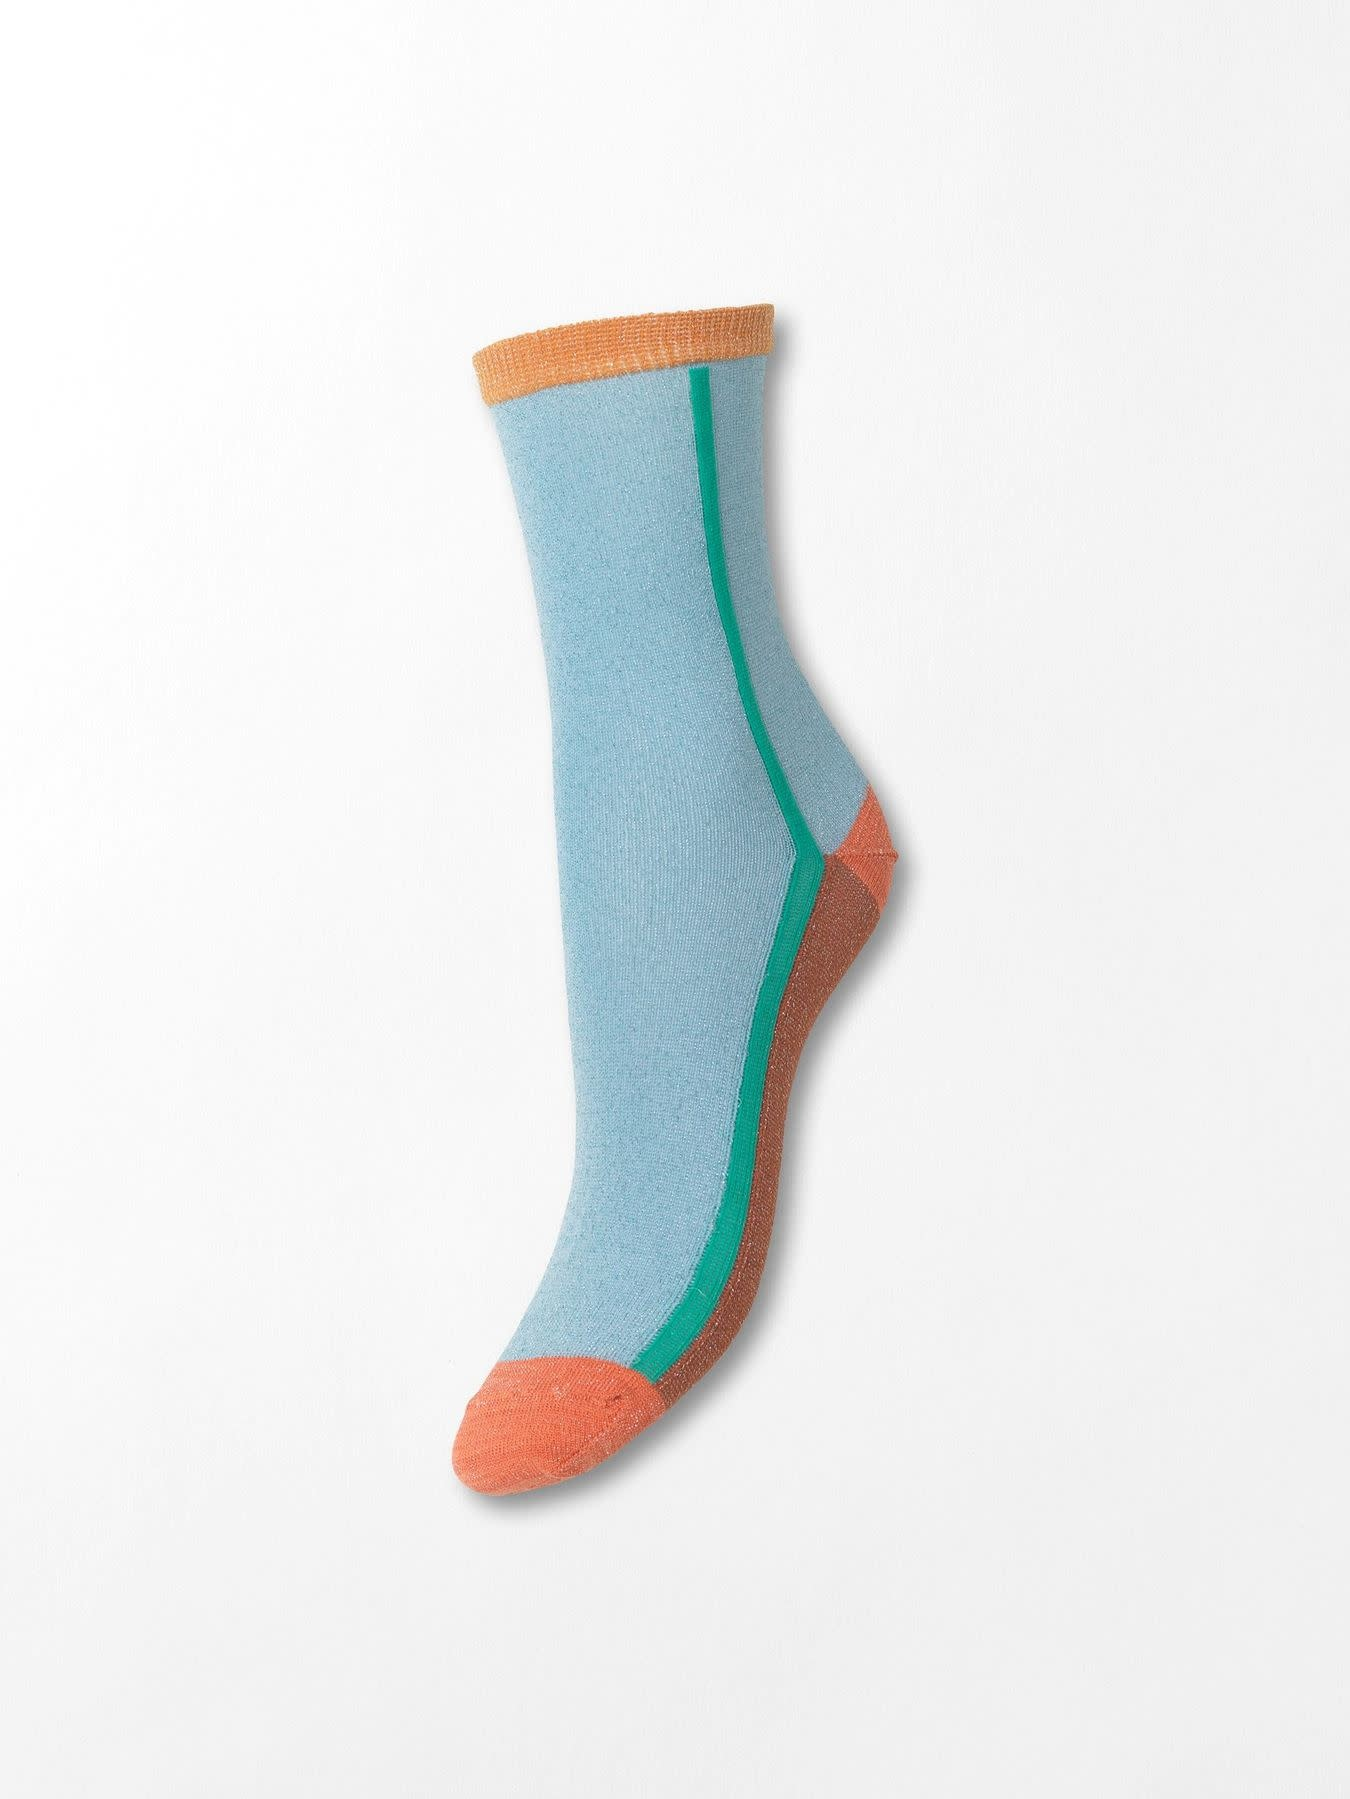 Beck Söndergaard Dean summerblock socks - Skyway 37/39